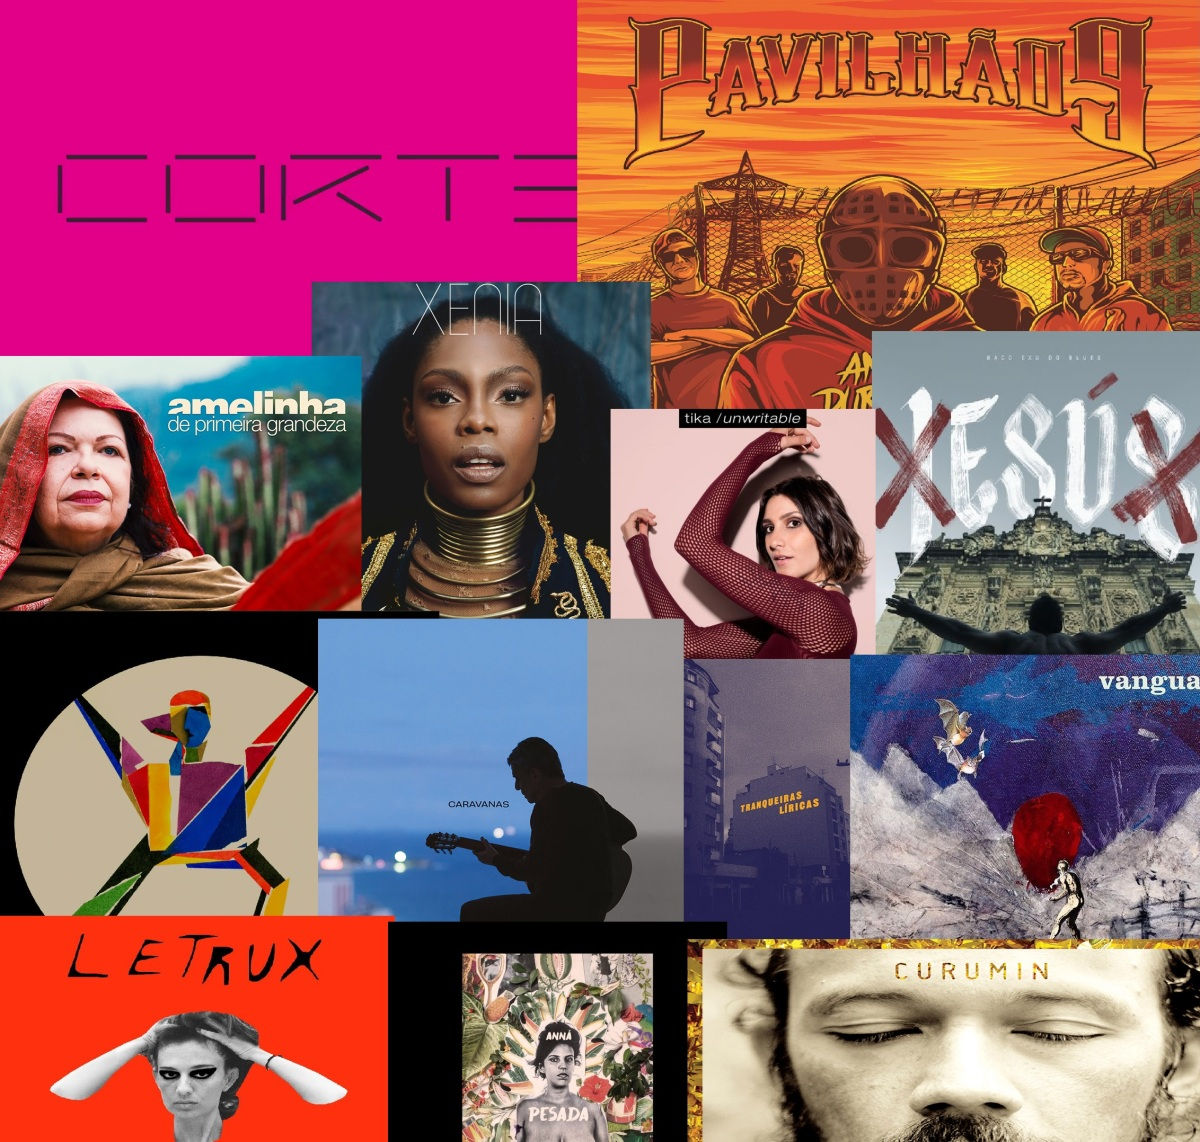 Livre Opinião indica 17 álbuns nacionais lançados em 2017